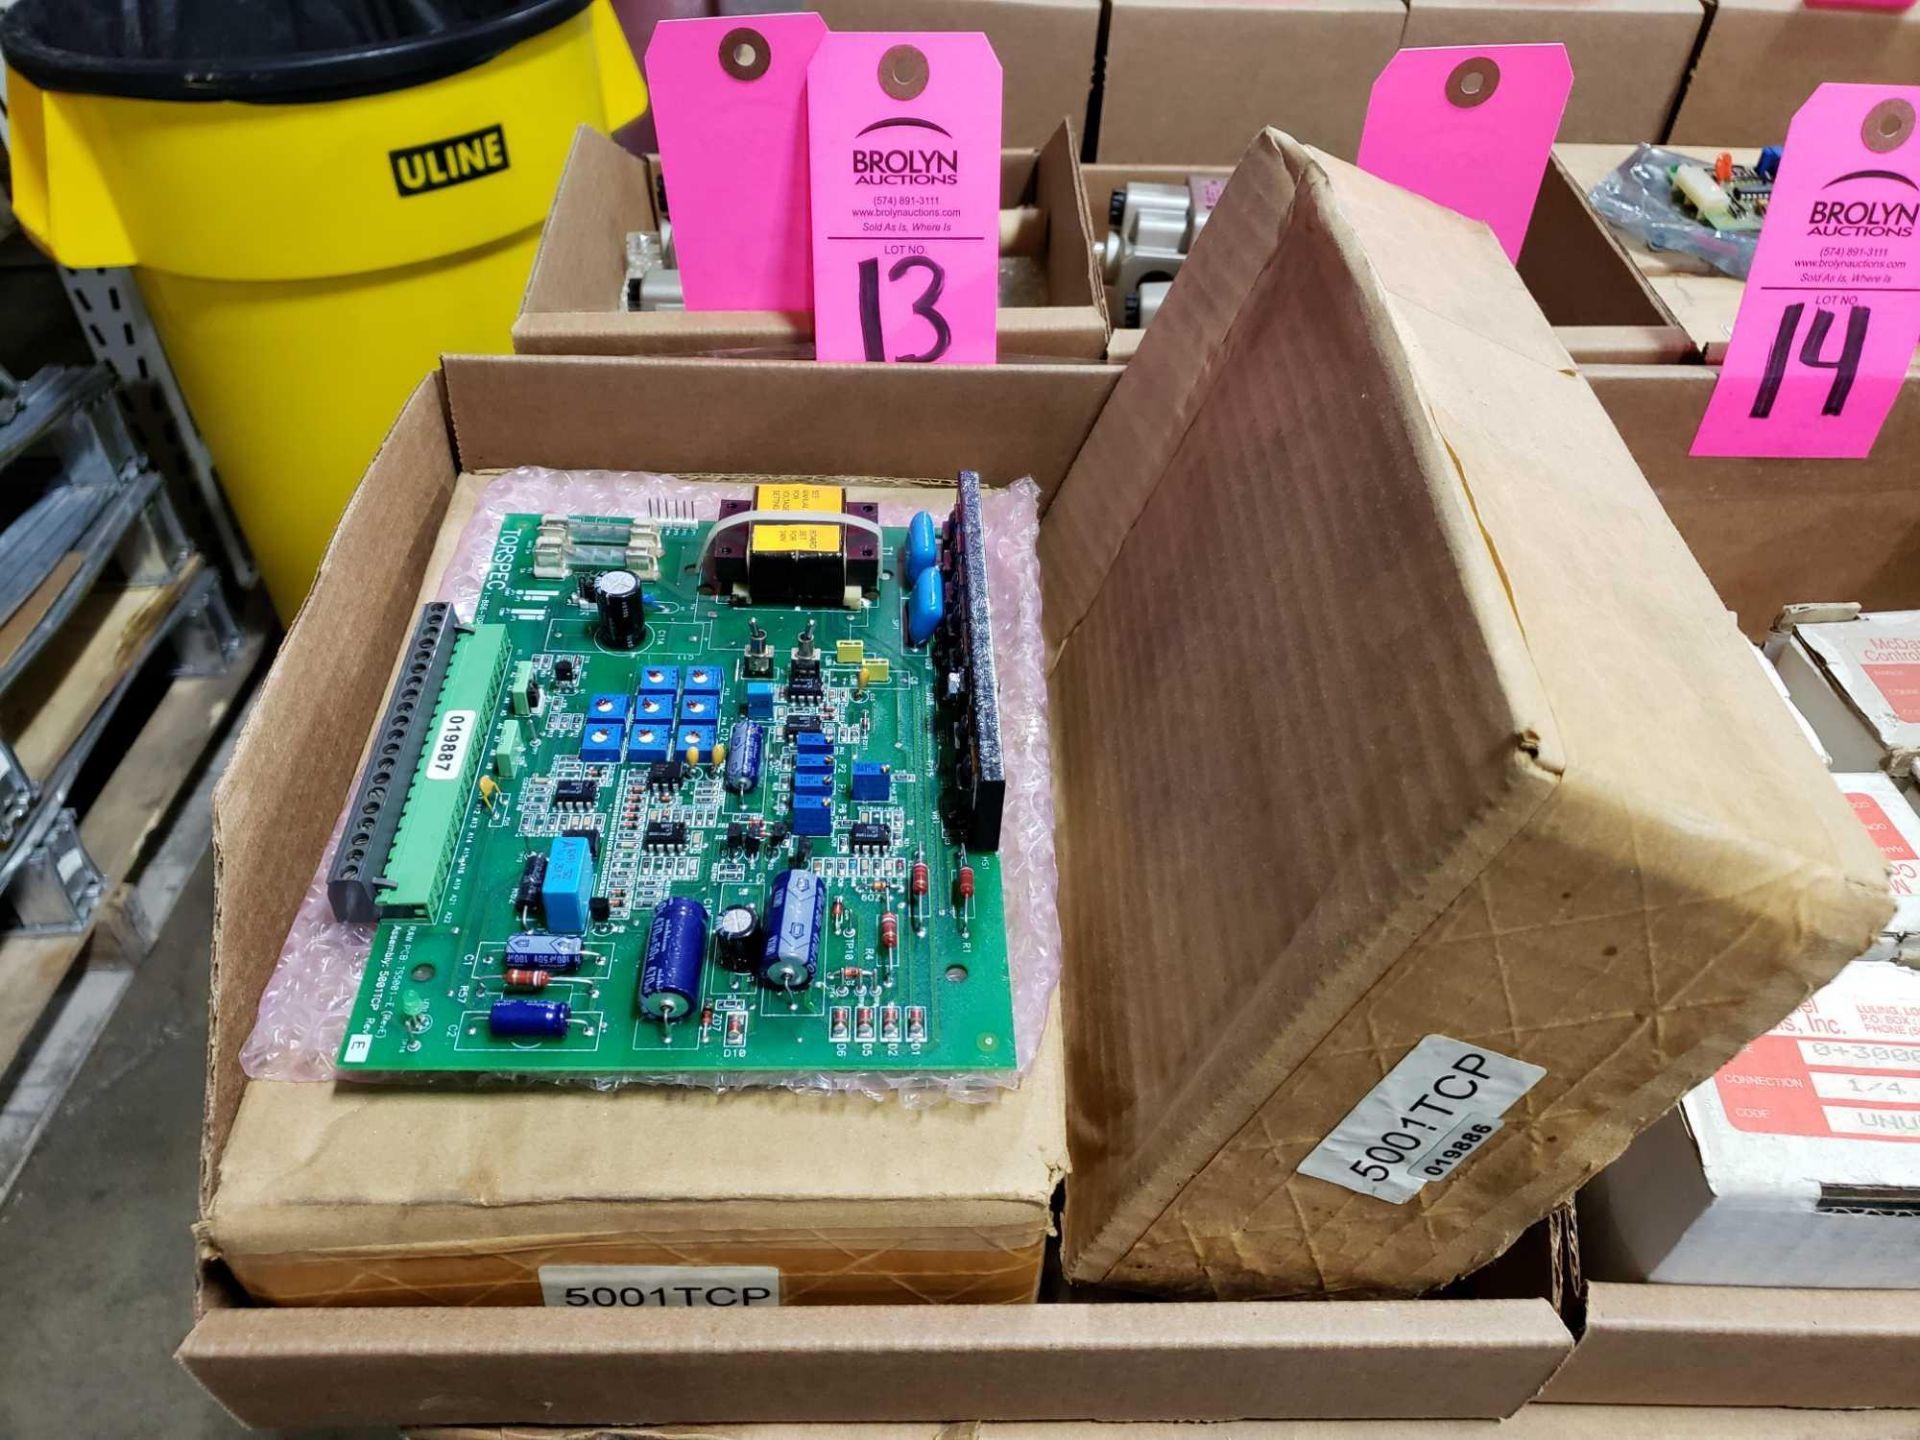 Lot 13 - Qty 2 - Torspec control board model 5001TCP. New in box.